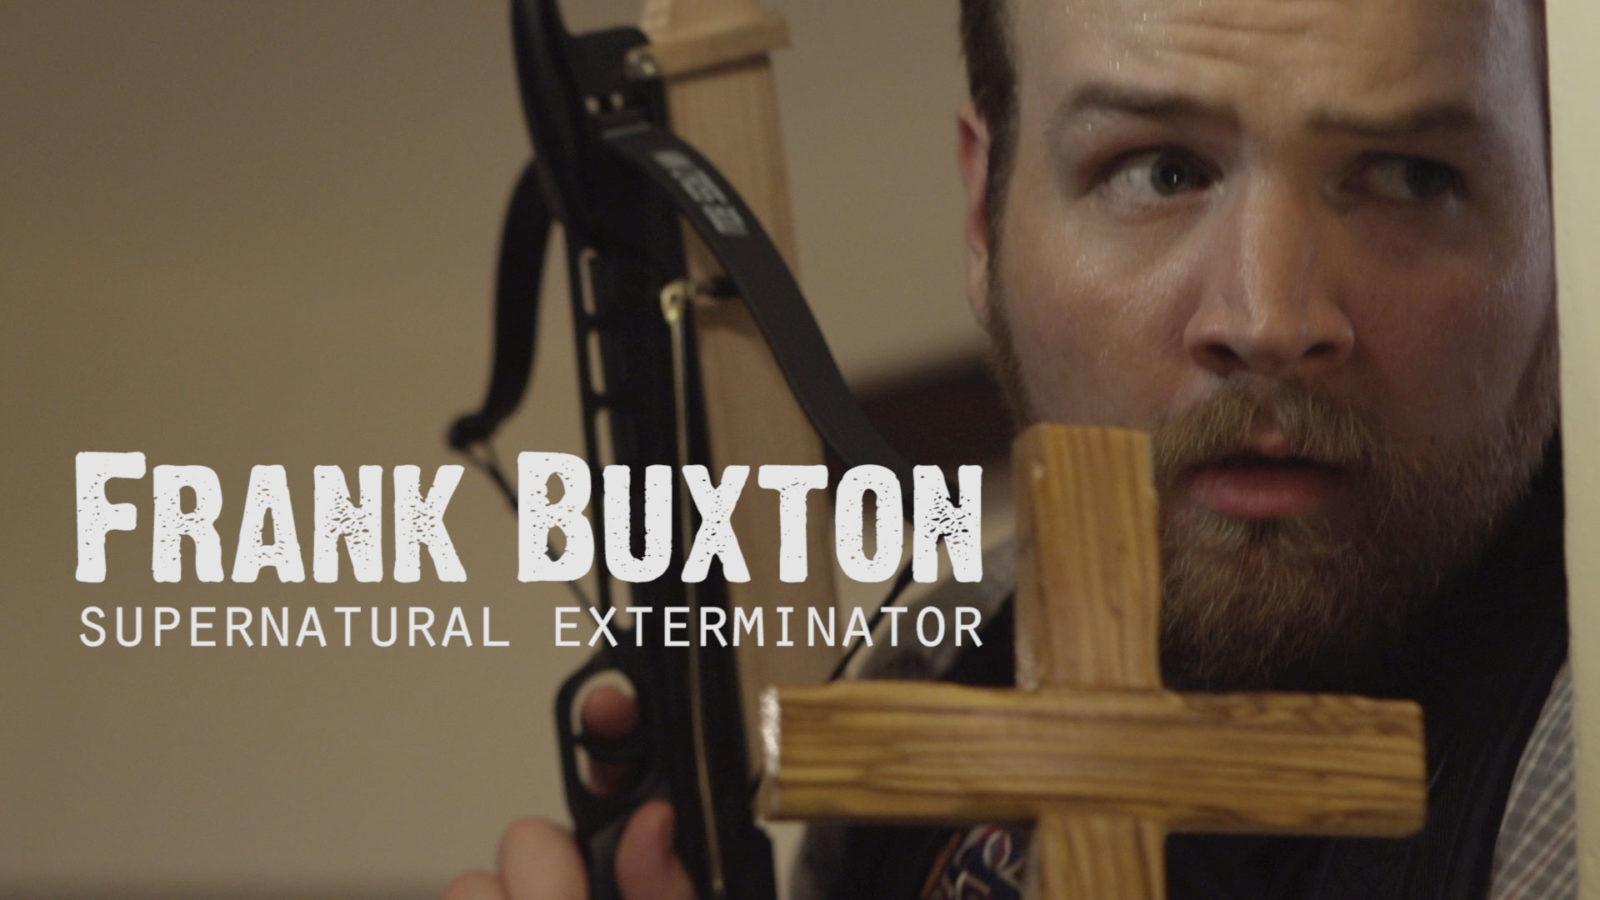 Frank Buxton, Supernatural Exterminator 4